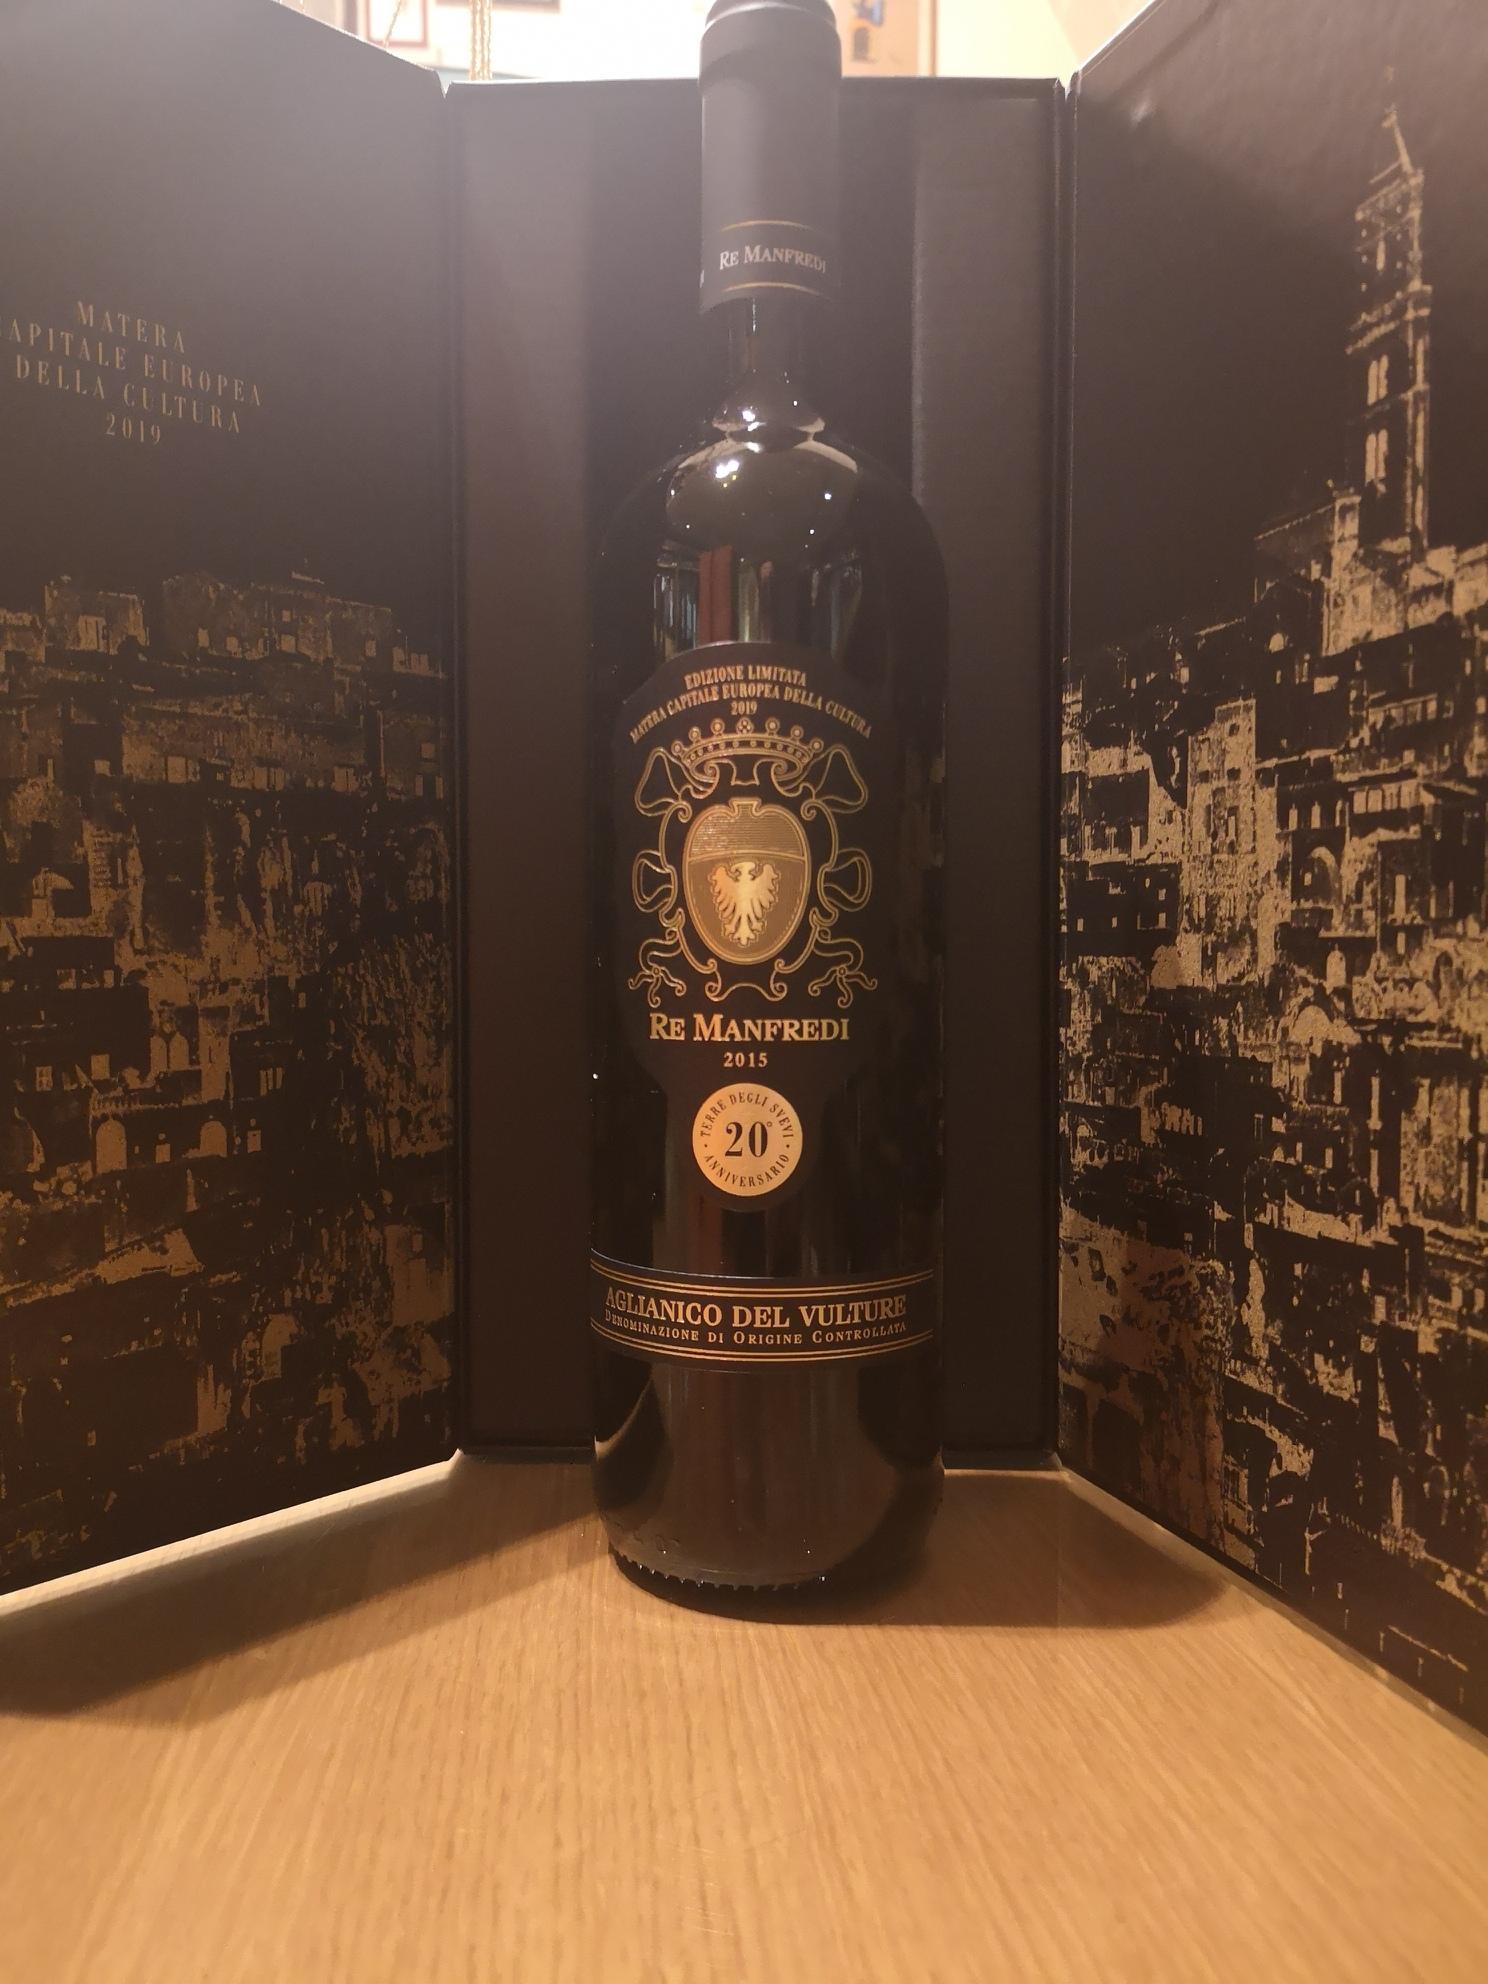 Re Manfredi Aglianico Limited Edition